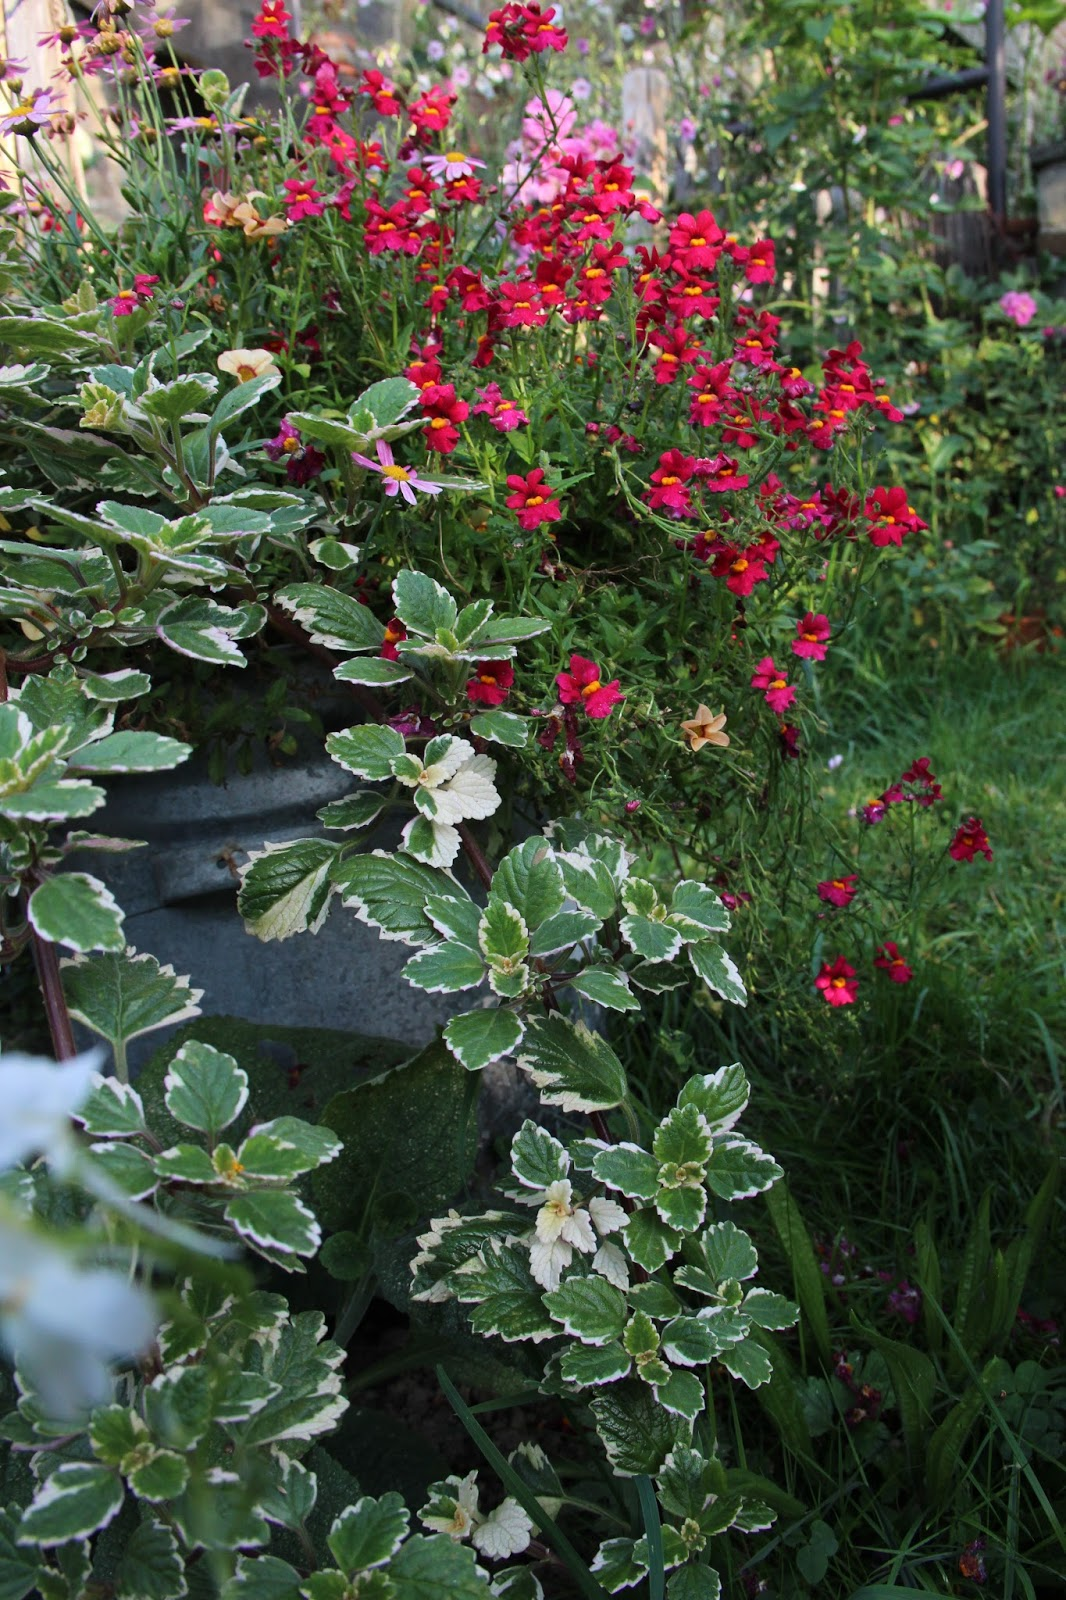 je suis au jardin : jardinières, potées et paniers suspendus (2)